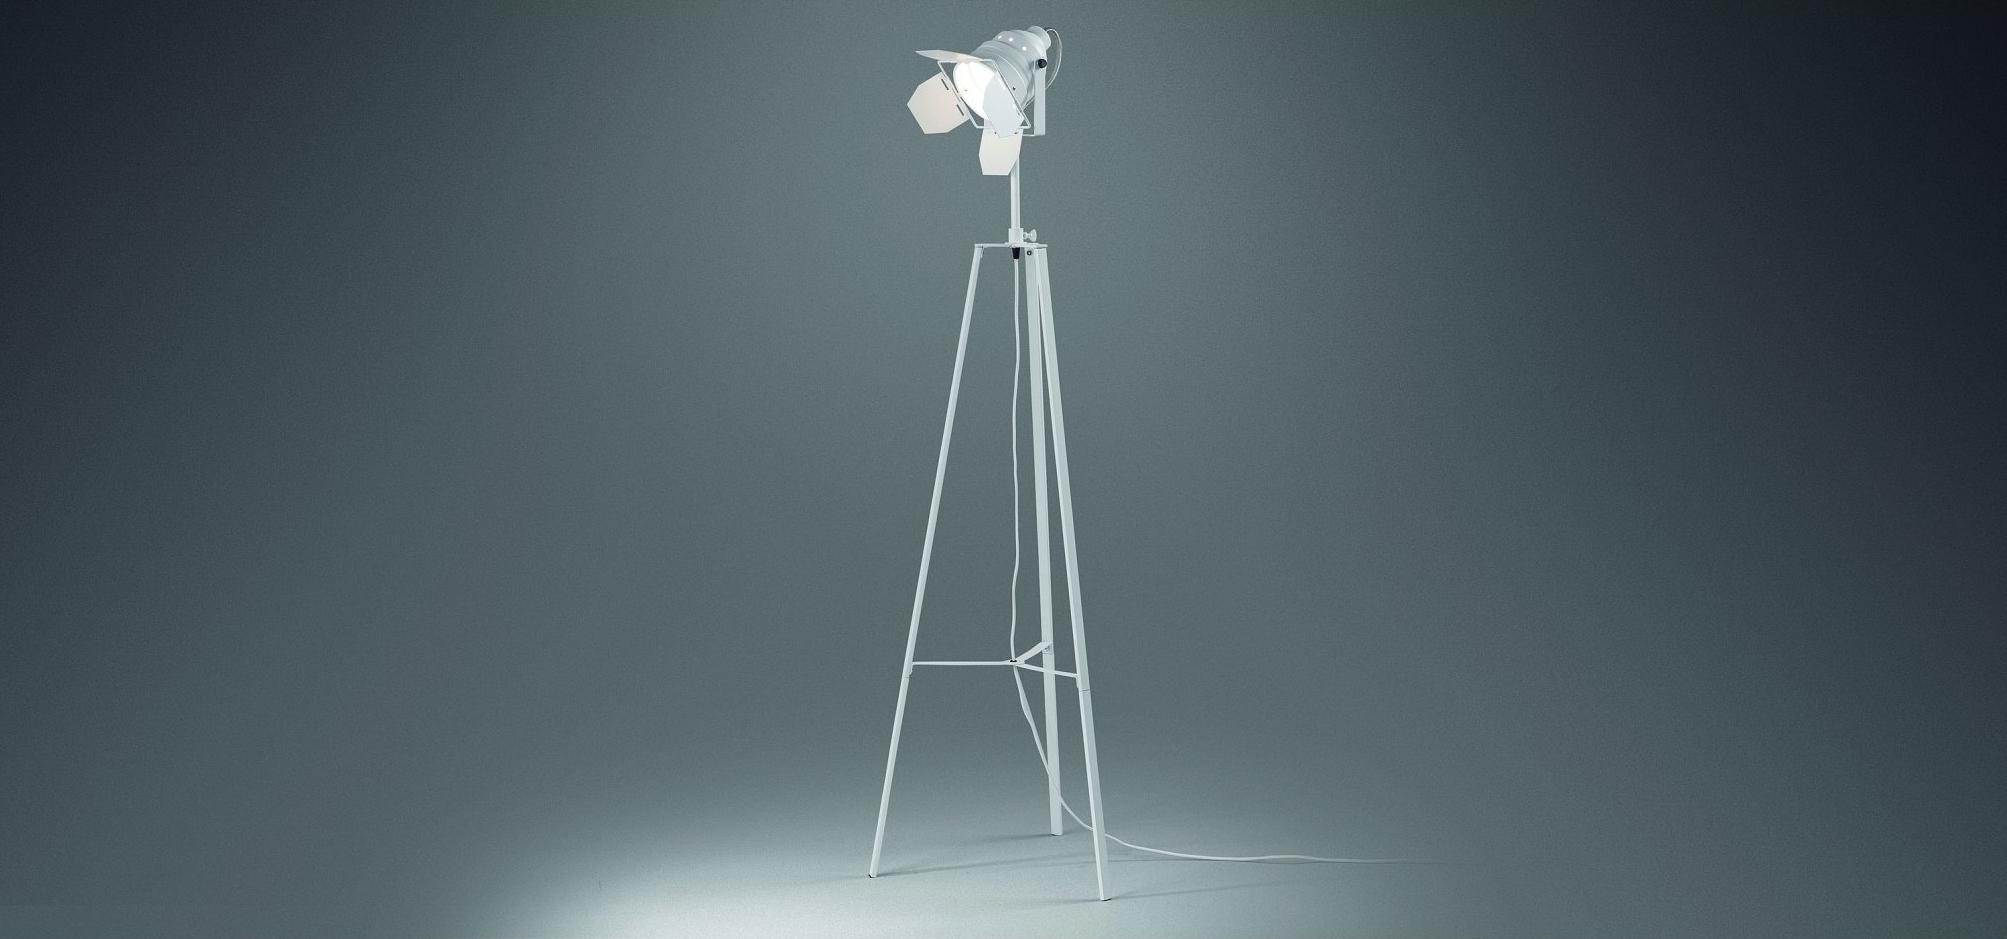 Ljusa upp hemmet med snygg belysning i höst